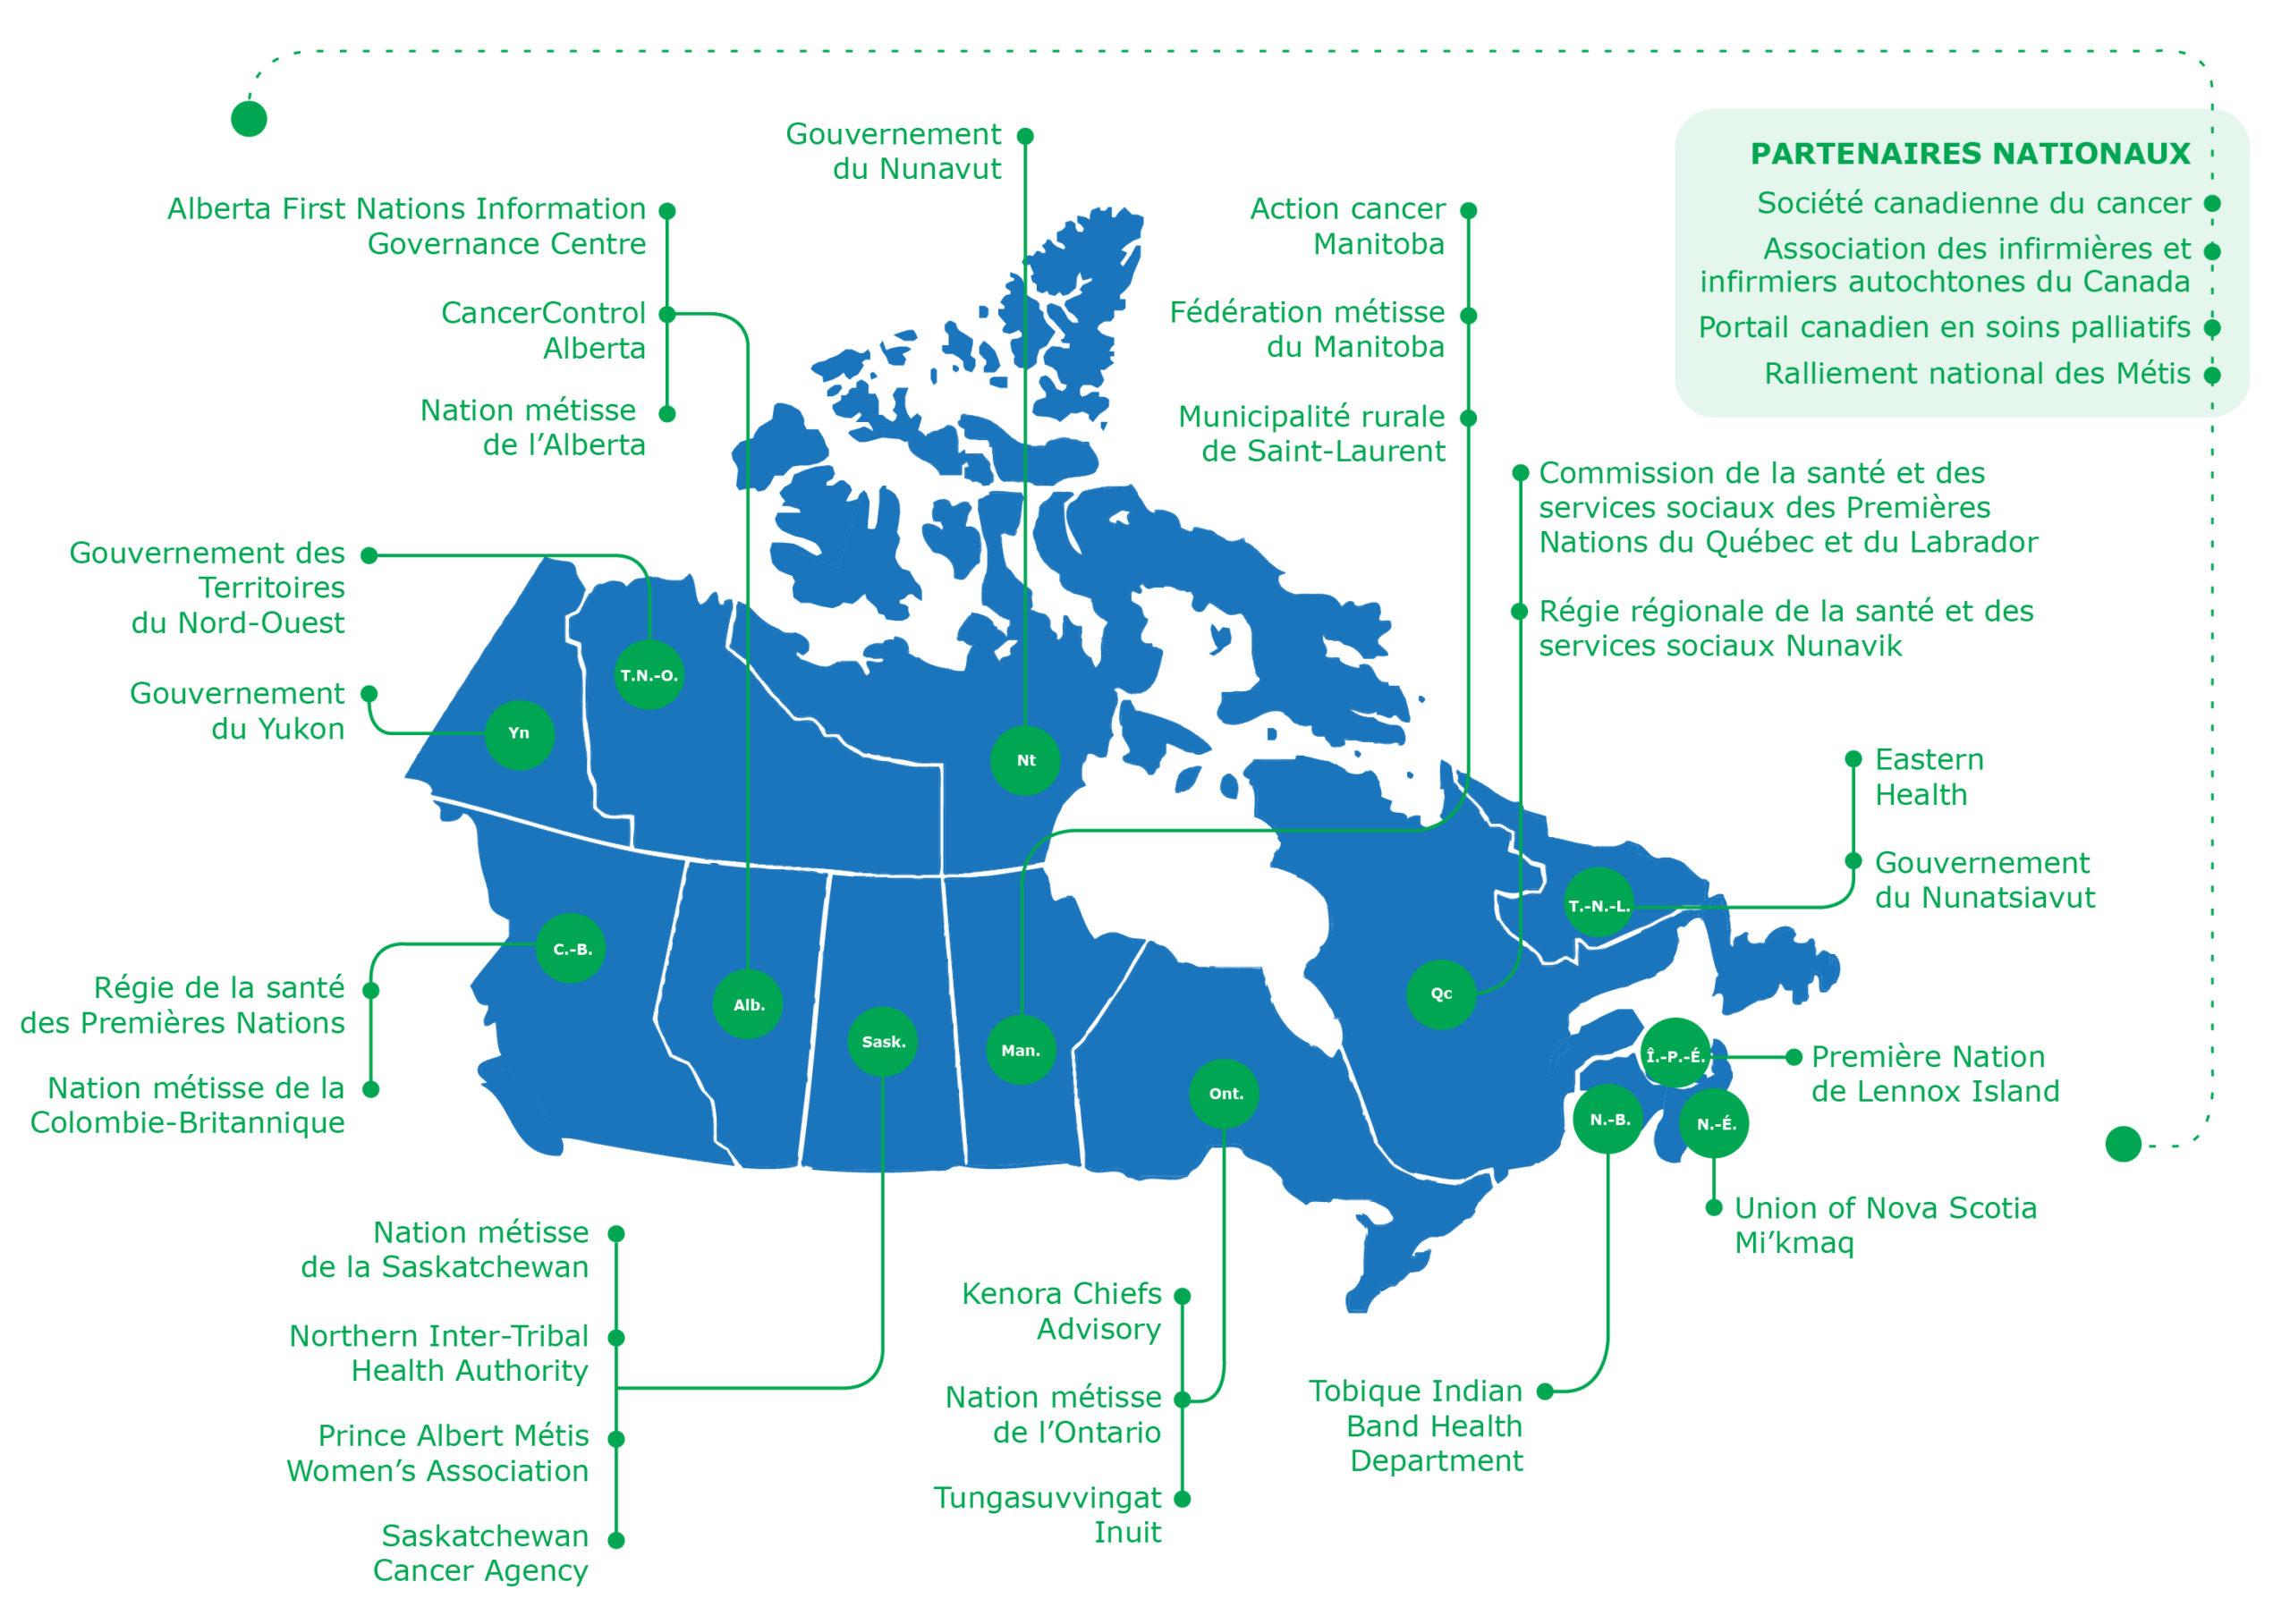 Carte du Canada montrant des partenaires